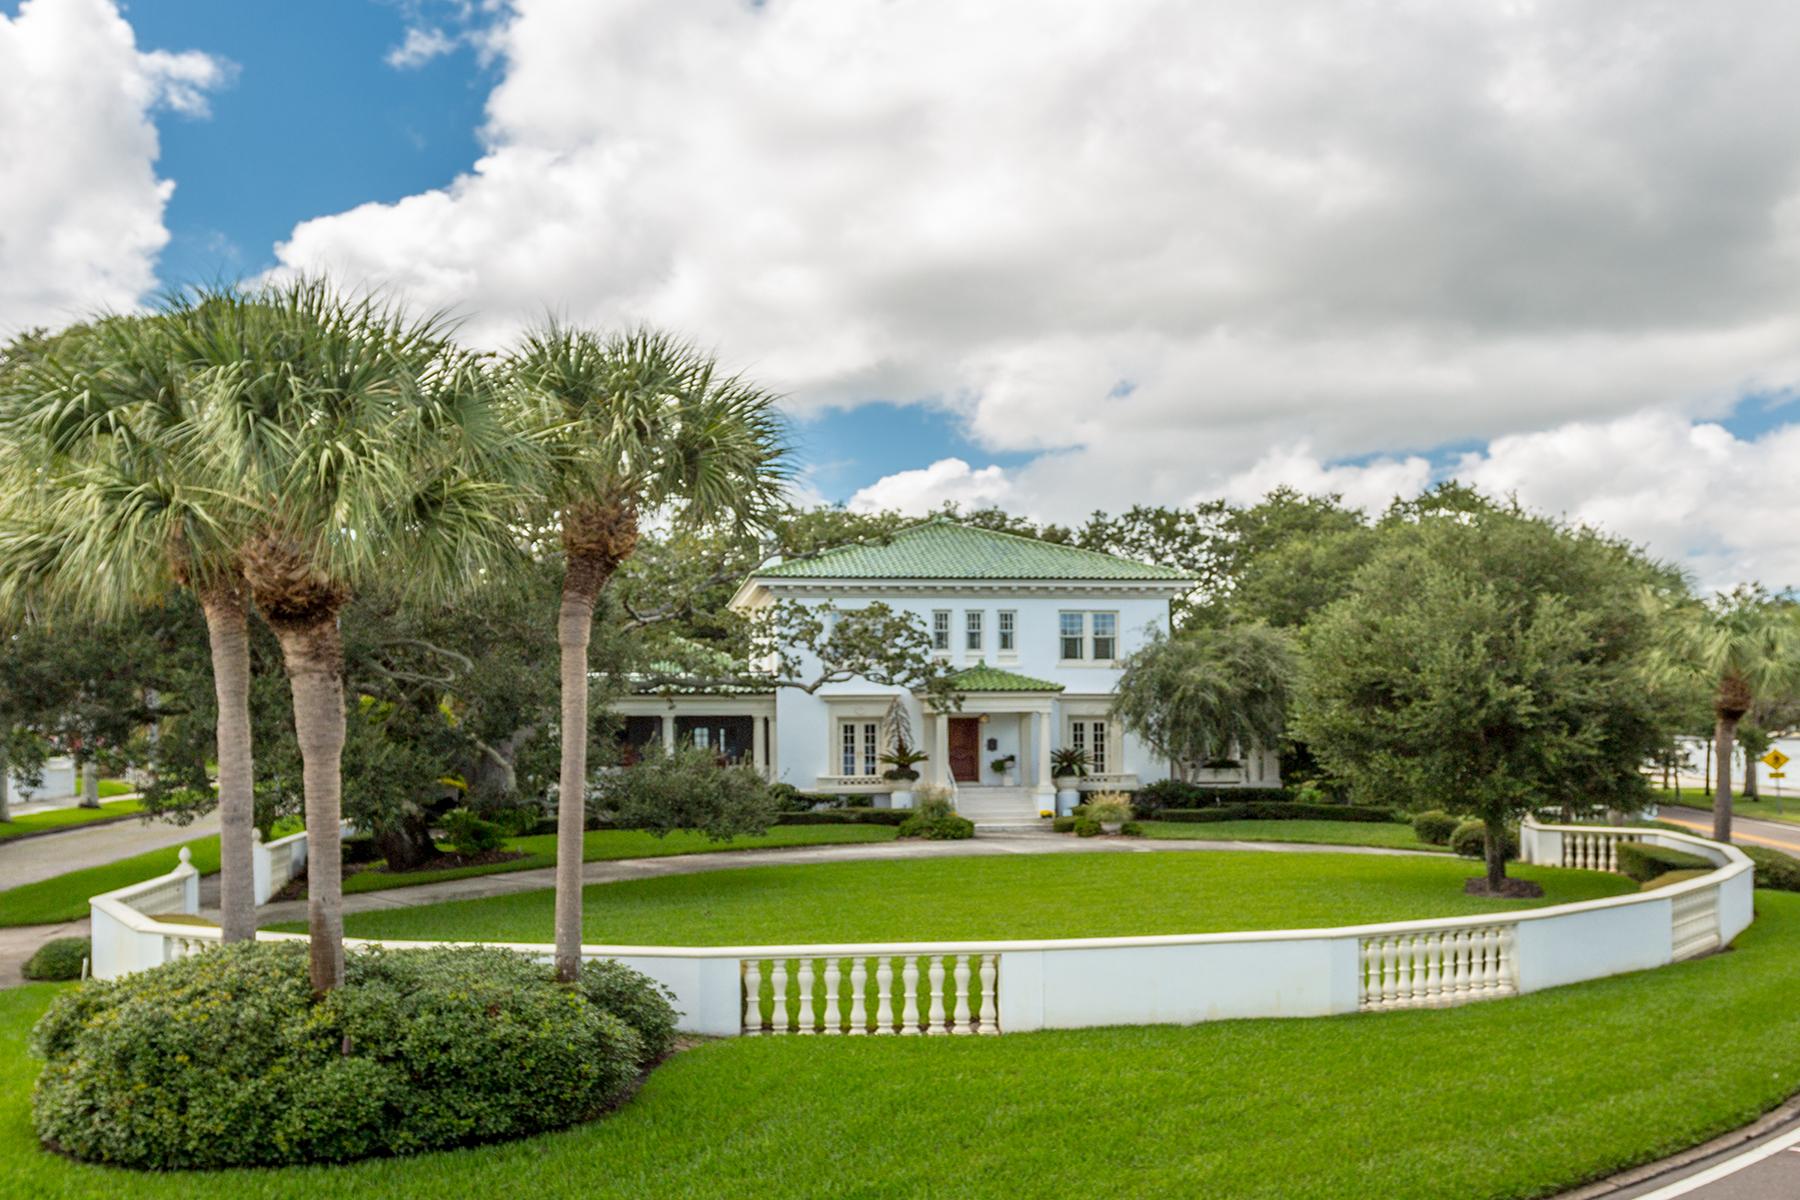 Vivienda unifamiliar por un Venta en ST. PETERSBURG 1800 N Shore Dr NE St. Petersburg, Florida 33704 Estados Unidos